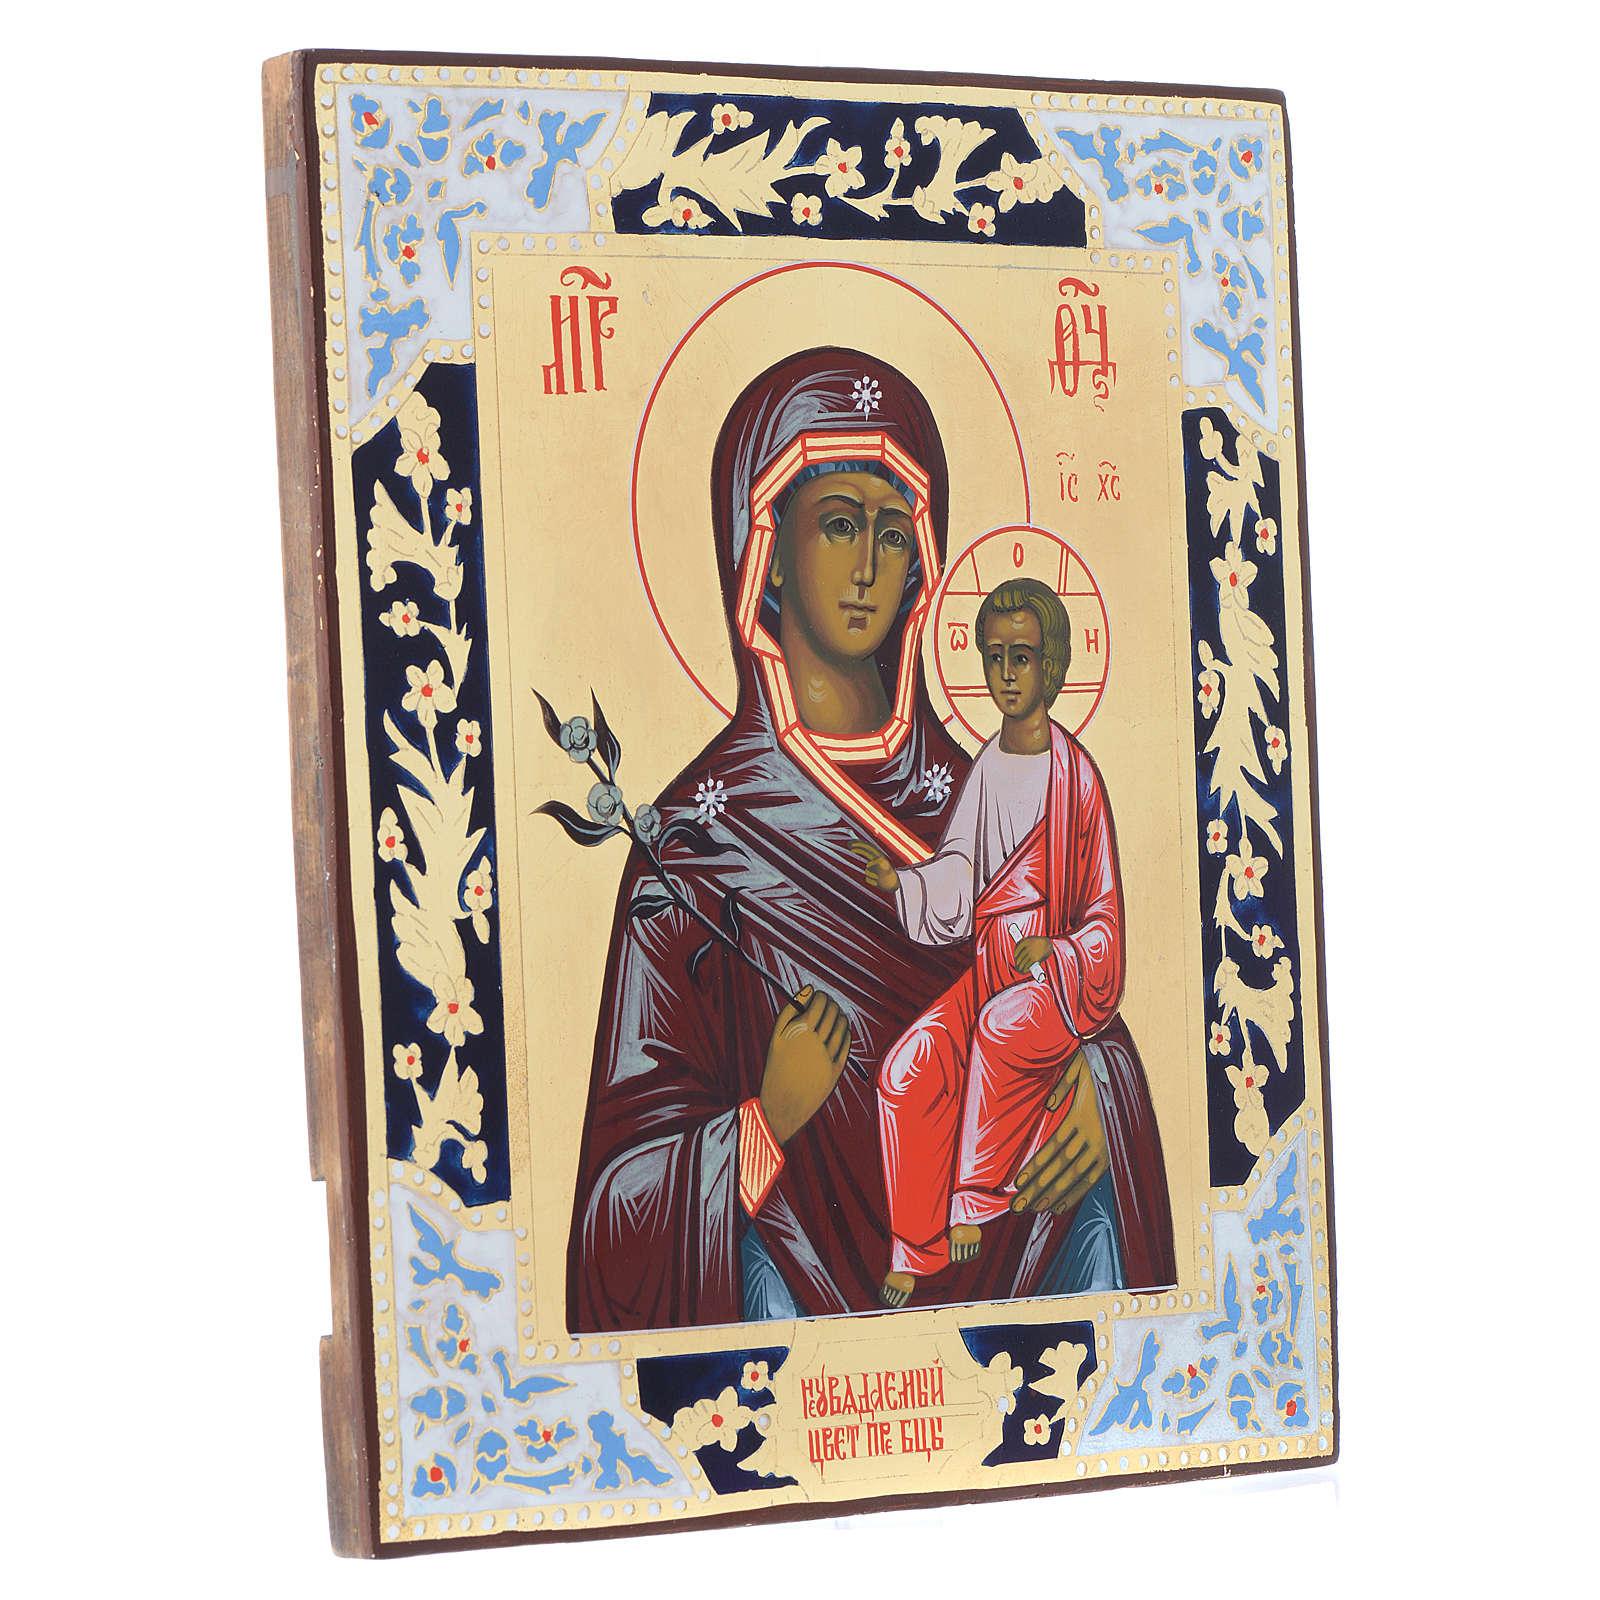 Russische Ikone, Muttergottes, Blume die niemals verwelkt, auf alten Bildträger 4